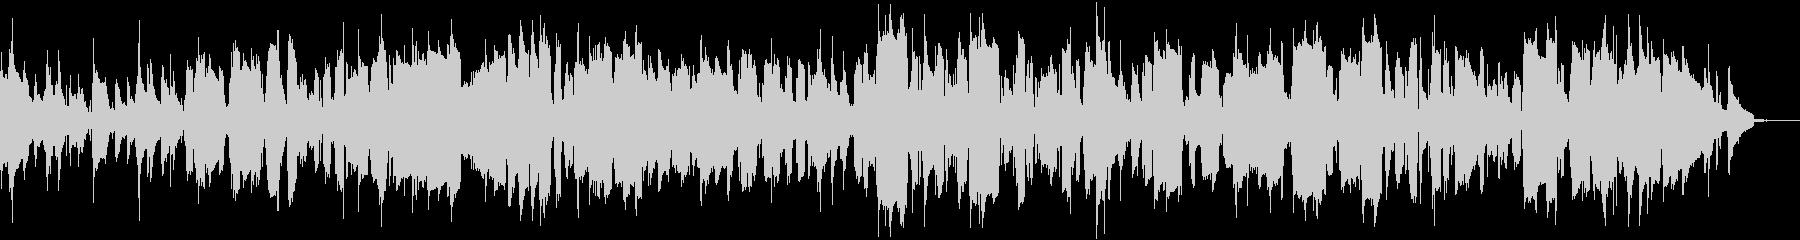 アルトサックスによるモダンジャズナンバーの未再生の波形